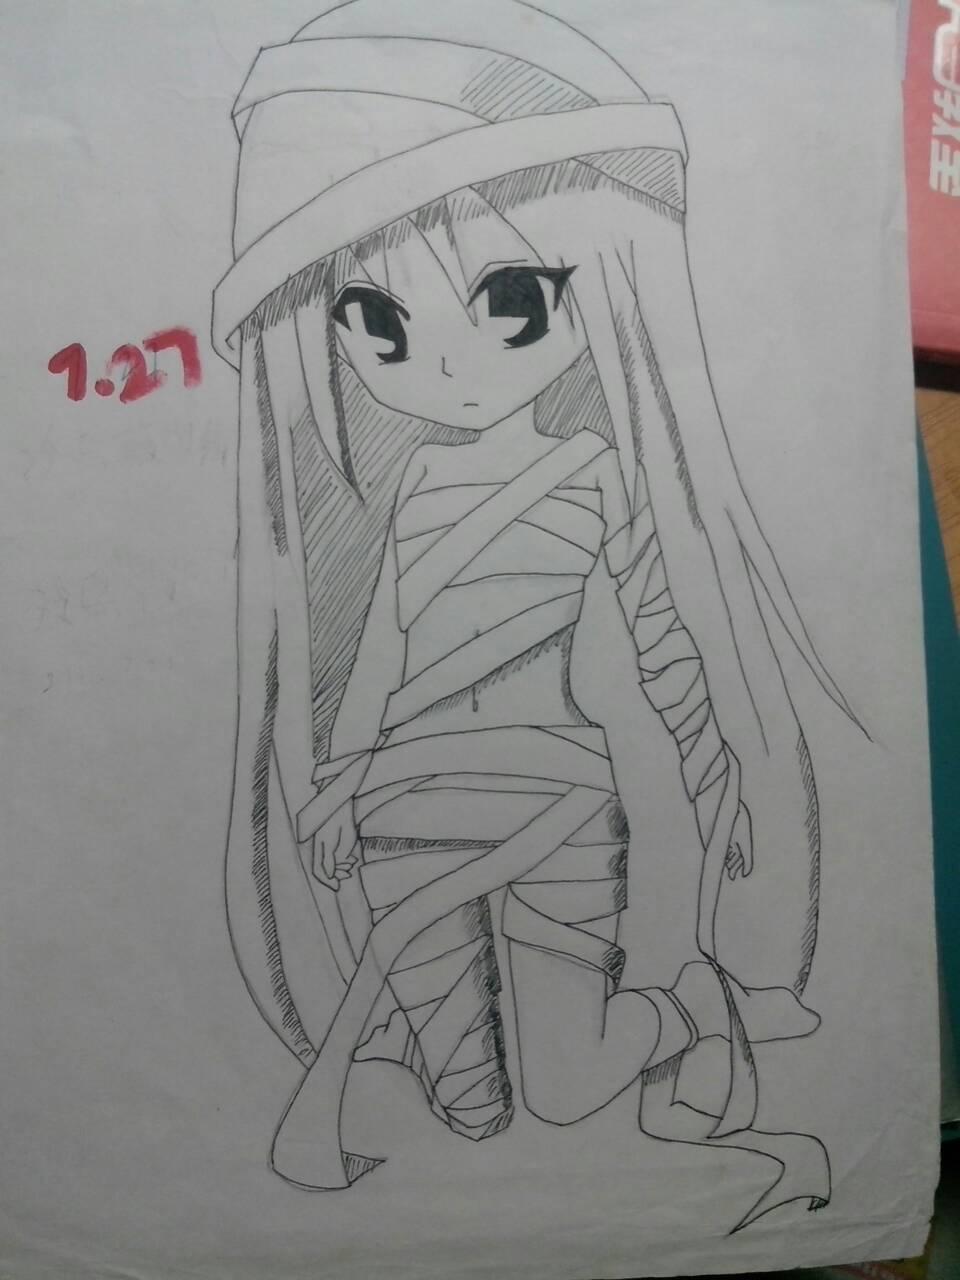 我想学动漫人物,就是日本动漫里那些动漫人物.